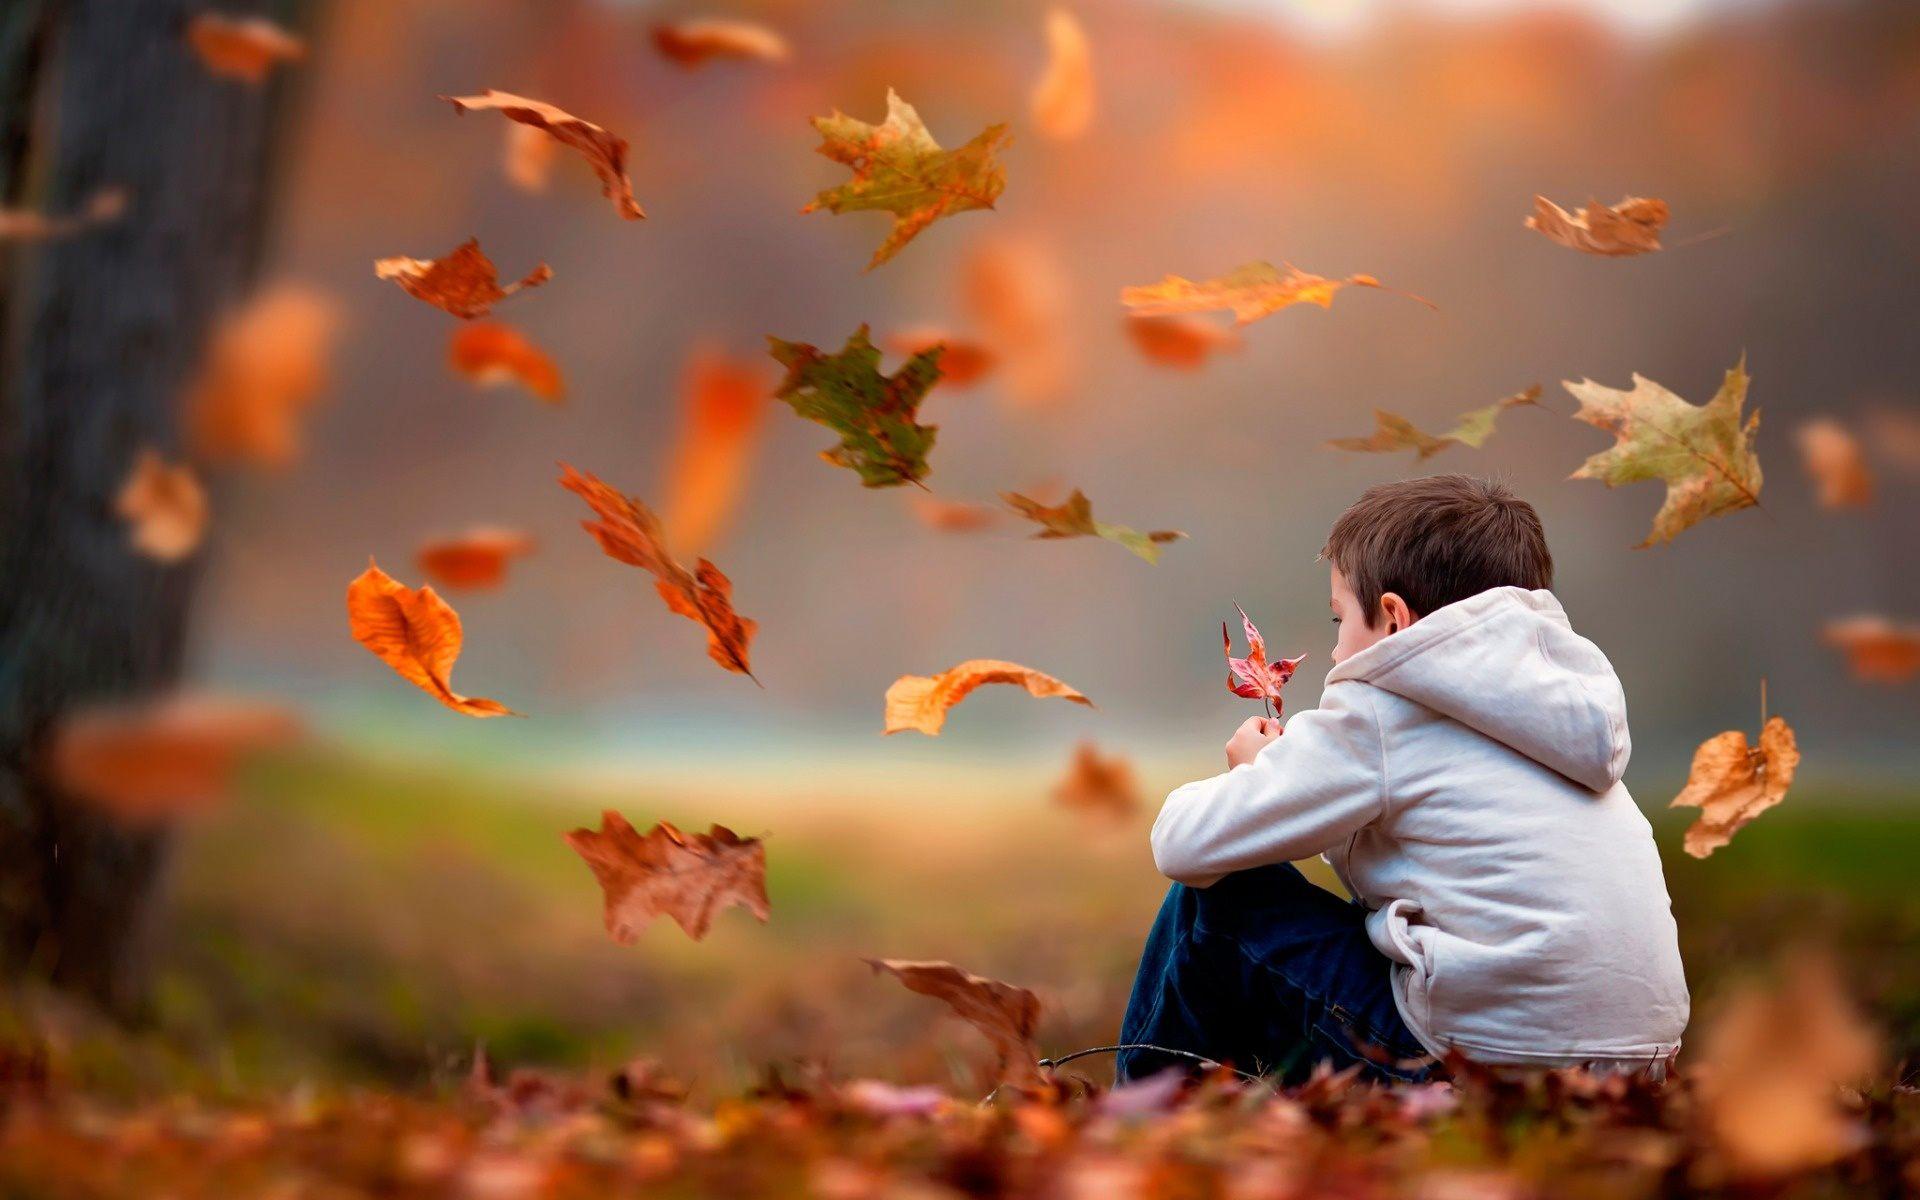 Hình ảnh bé trai buồn bã cô đơn trong cuộc sống